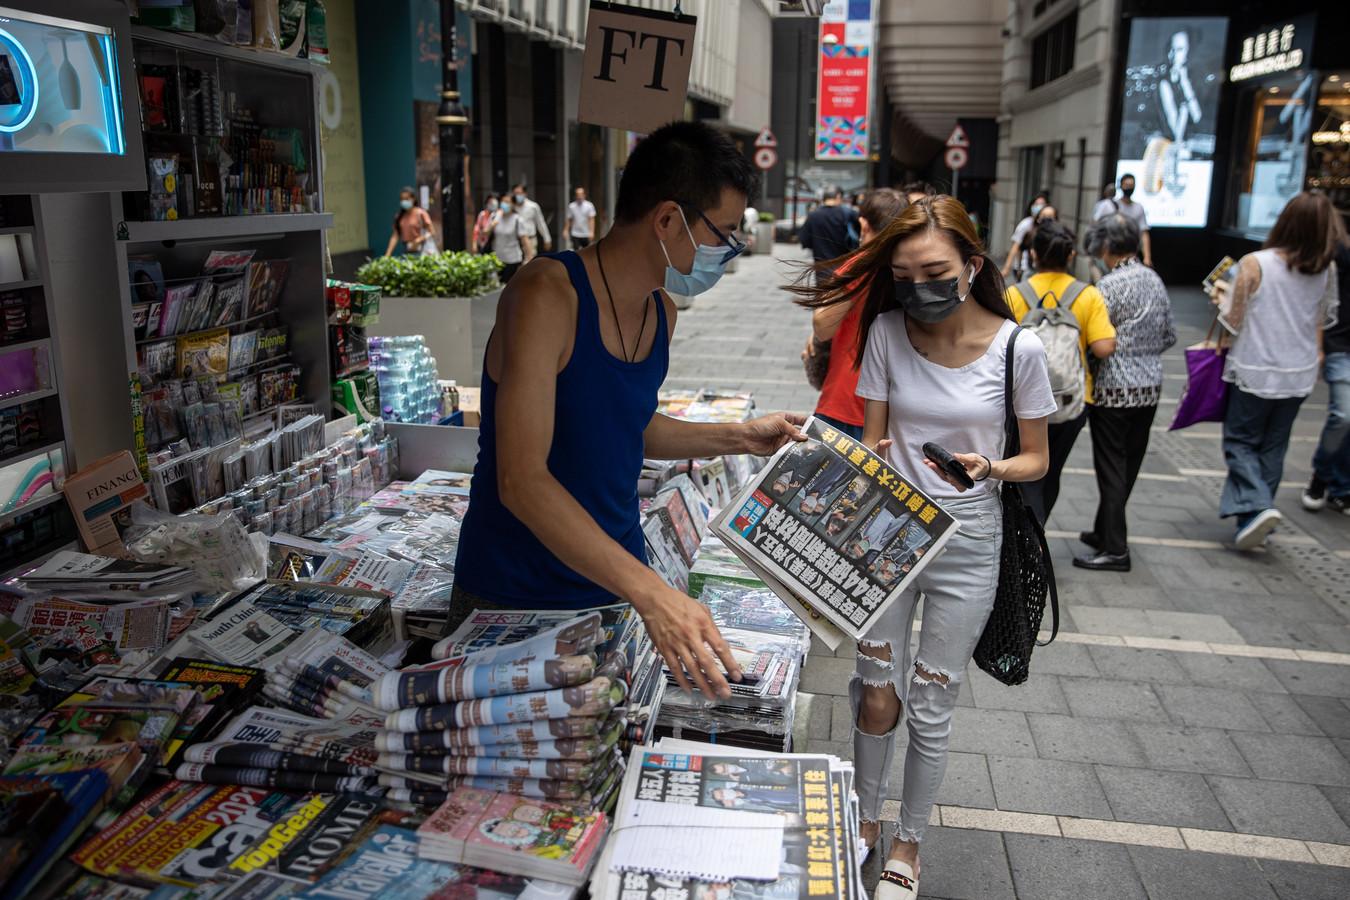 Een vrouw koopt vrijdagochtend een exemplaar van de prodemocratische krant Apple Daily bij een kiosk in Hongkong, een dag nadat de politie een inval deed op de redactie en vijf leidinggevenden arresteerde.